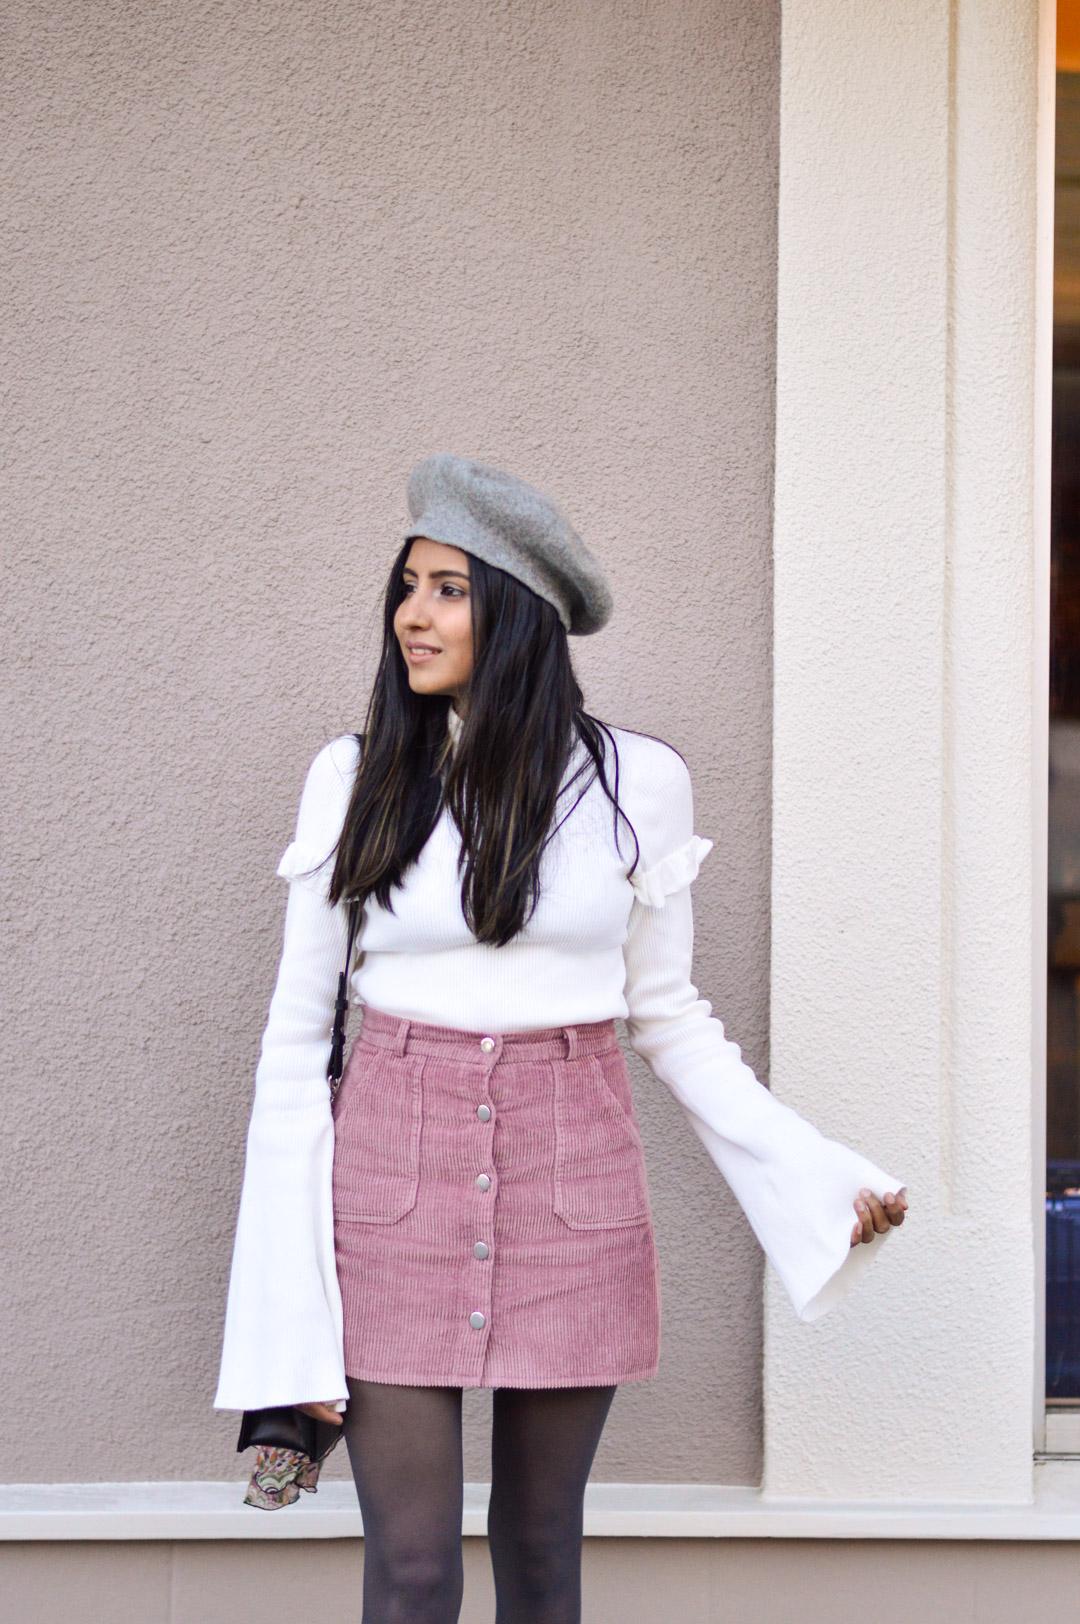 corduroy-skirt-pink-beret-bell-sleeves 2